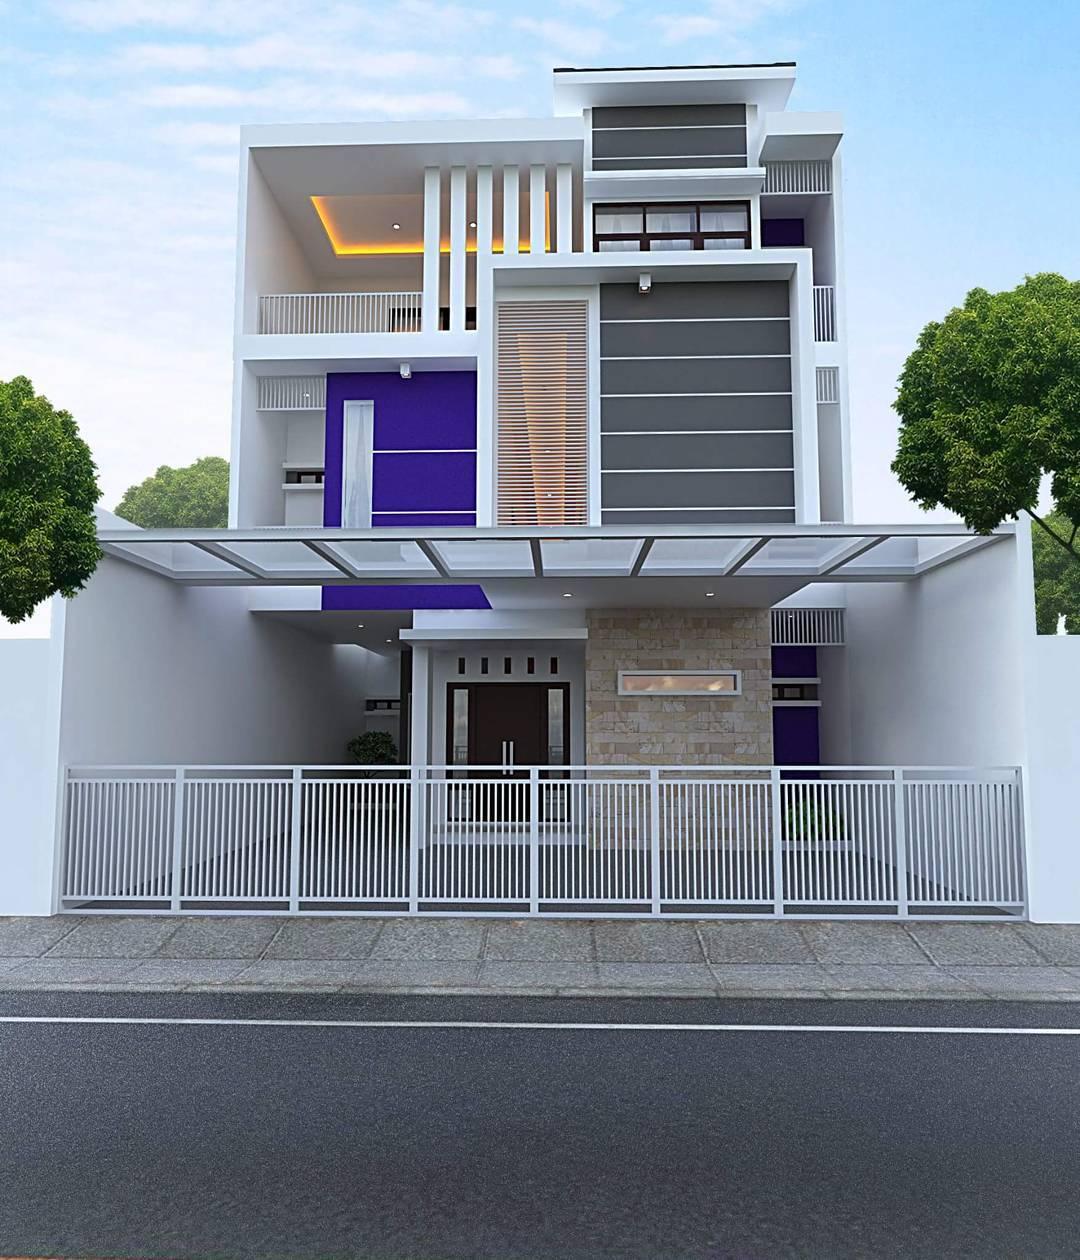 58 Arsitektur Desain Warna Cat Rumah Minimalis 2 Lantai Tampak Depan Yang Wajib Kamu Ketahui Deagam Design